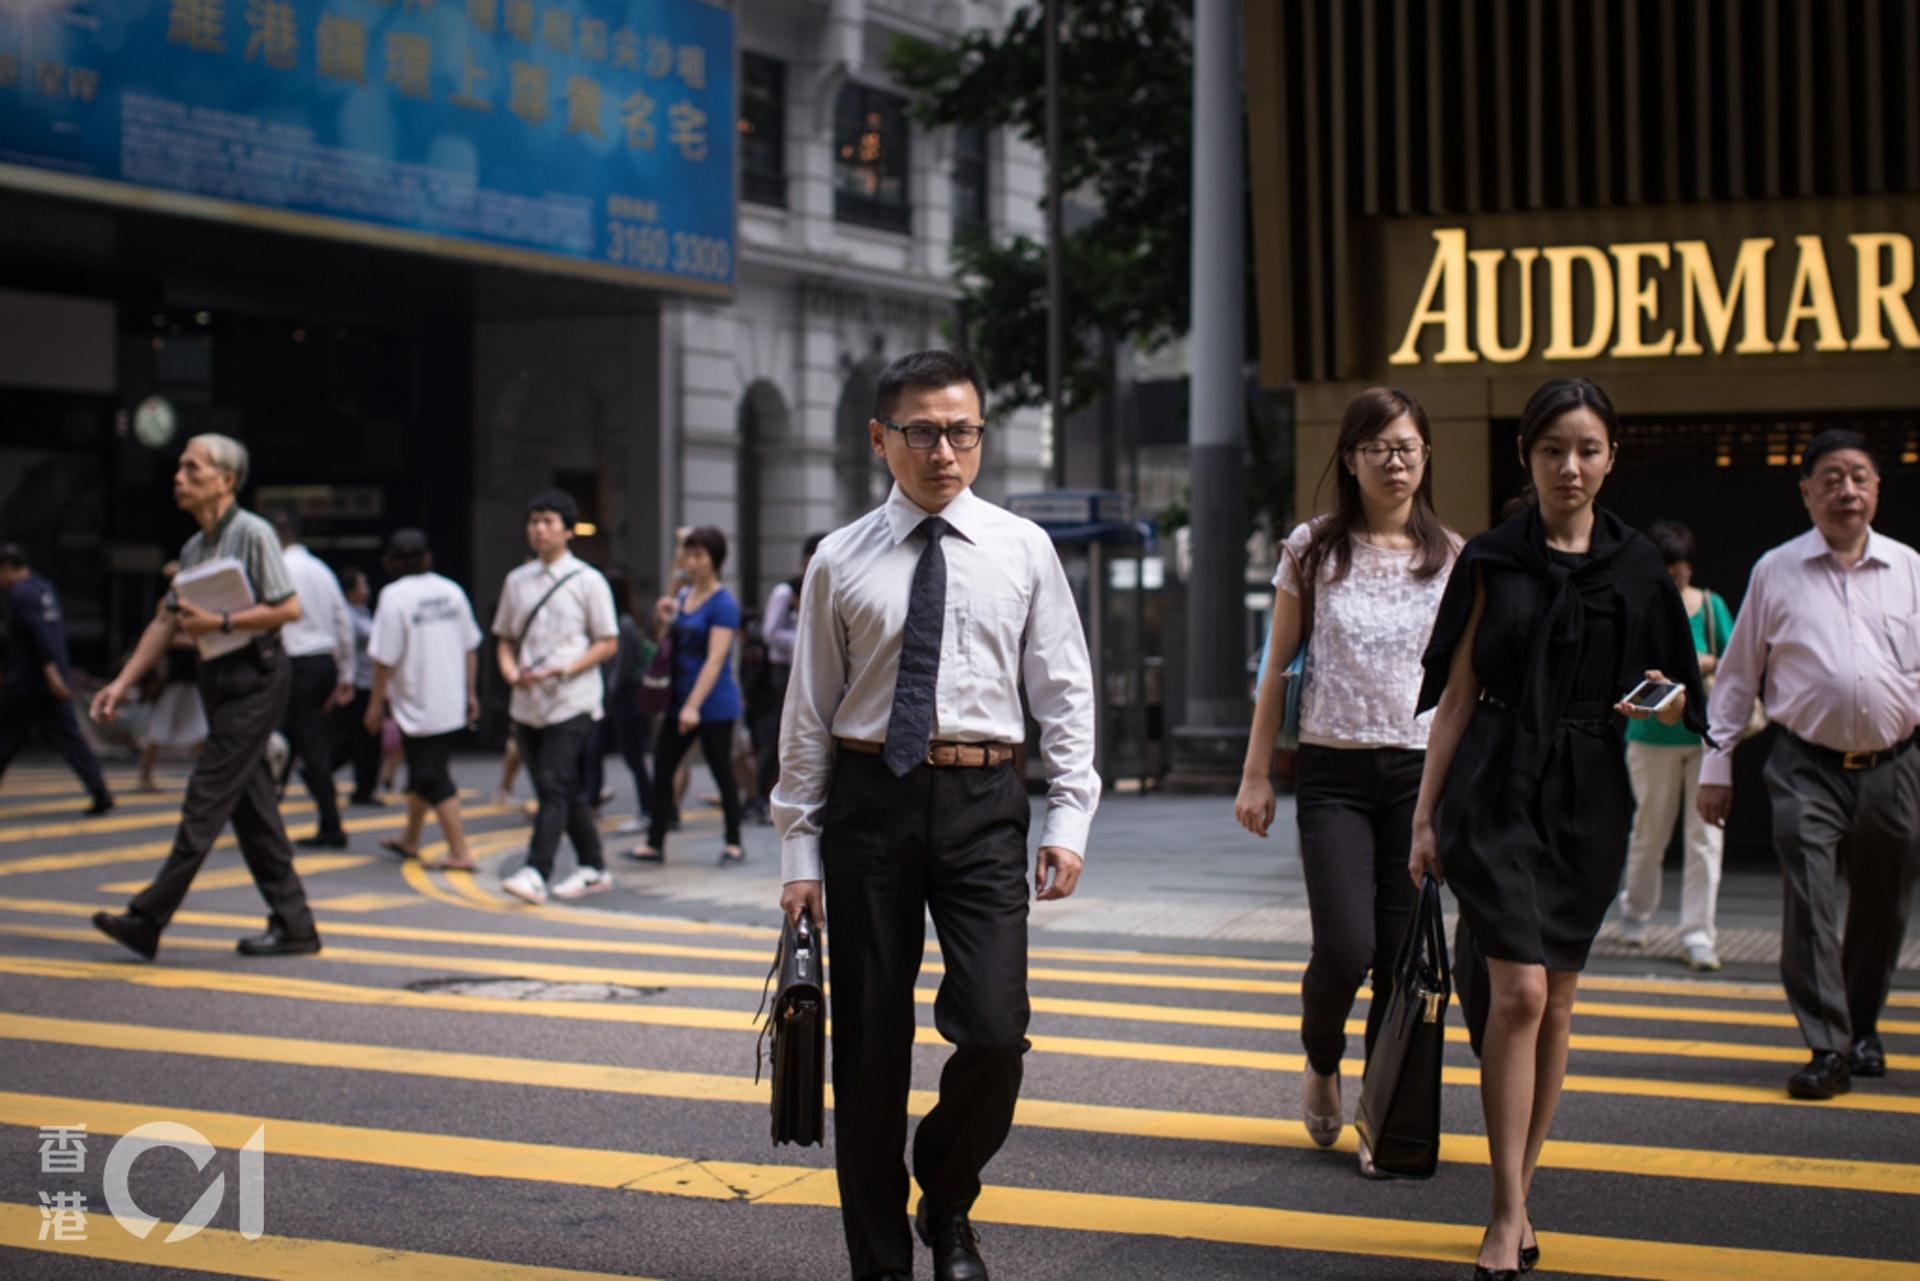 香港工時長可謂「舉世知名」,各行各業打工仔每周工作50小時,甚至60小時的情況。(資料圖片/曾梓洋攝)